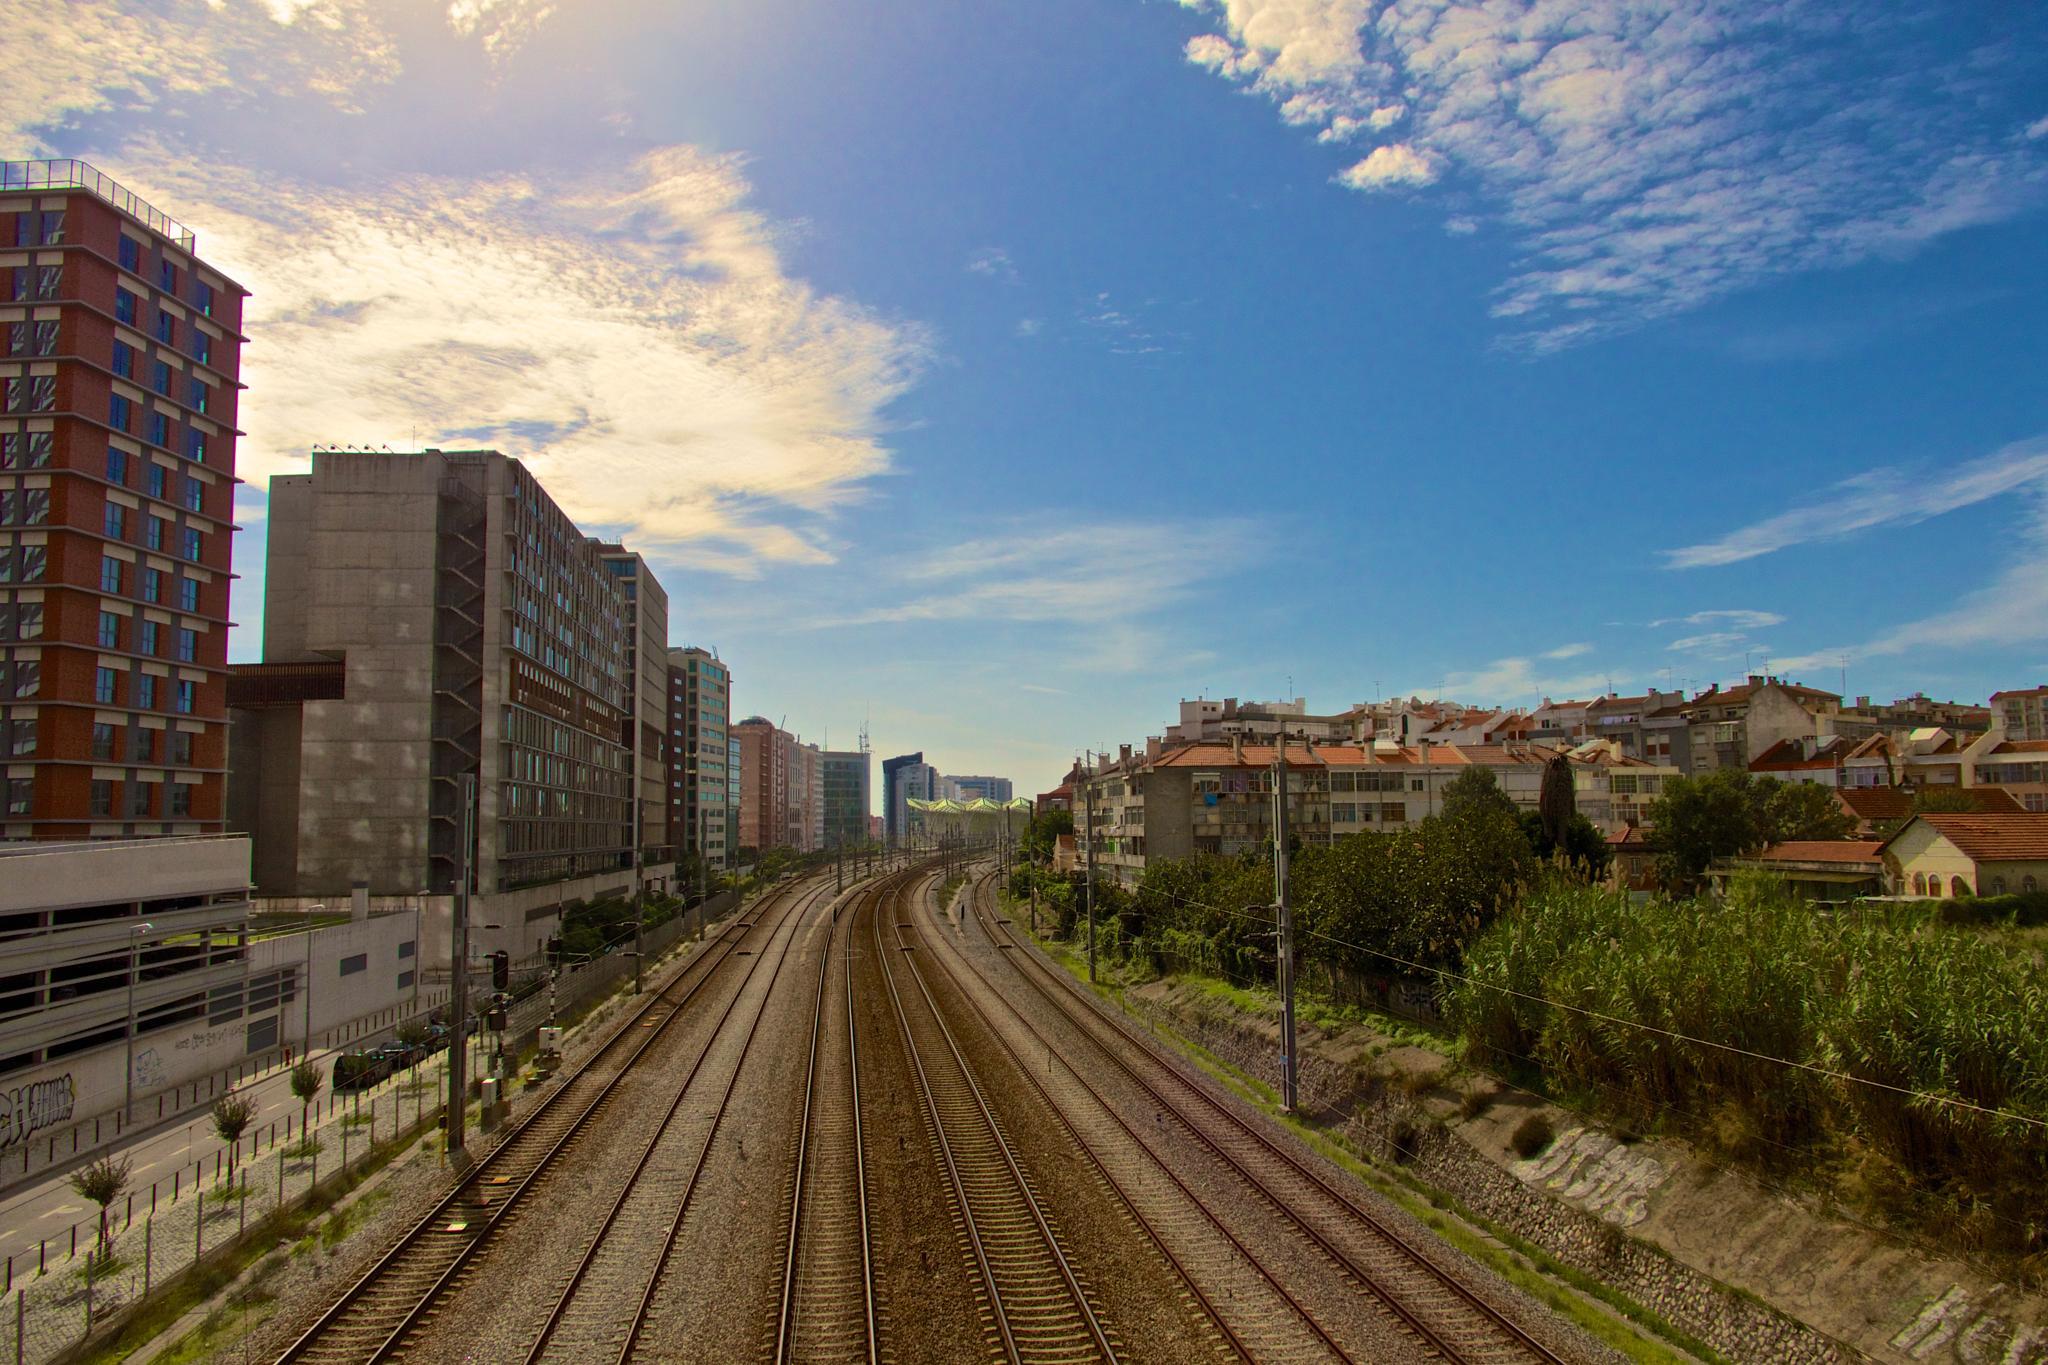 Lisboa - Parque das nações linha férrea by Vitor Mesquita